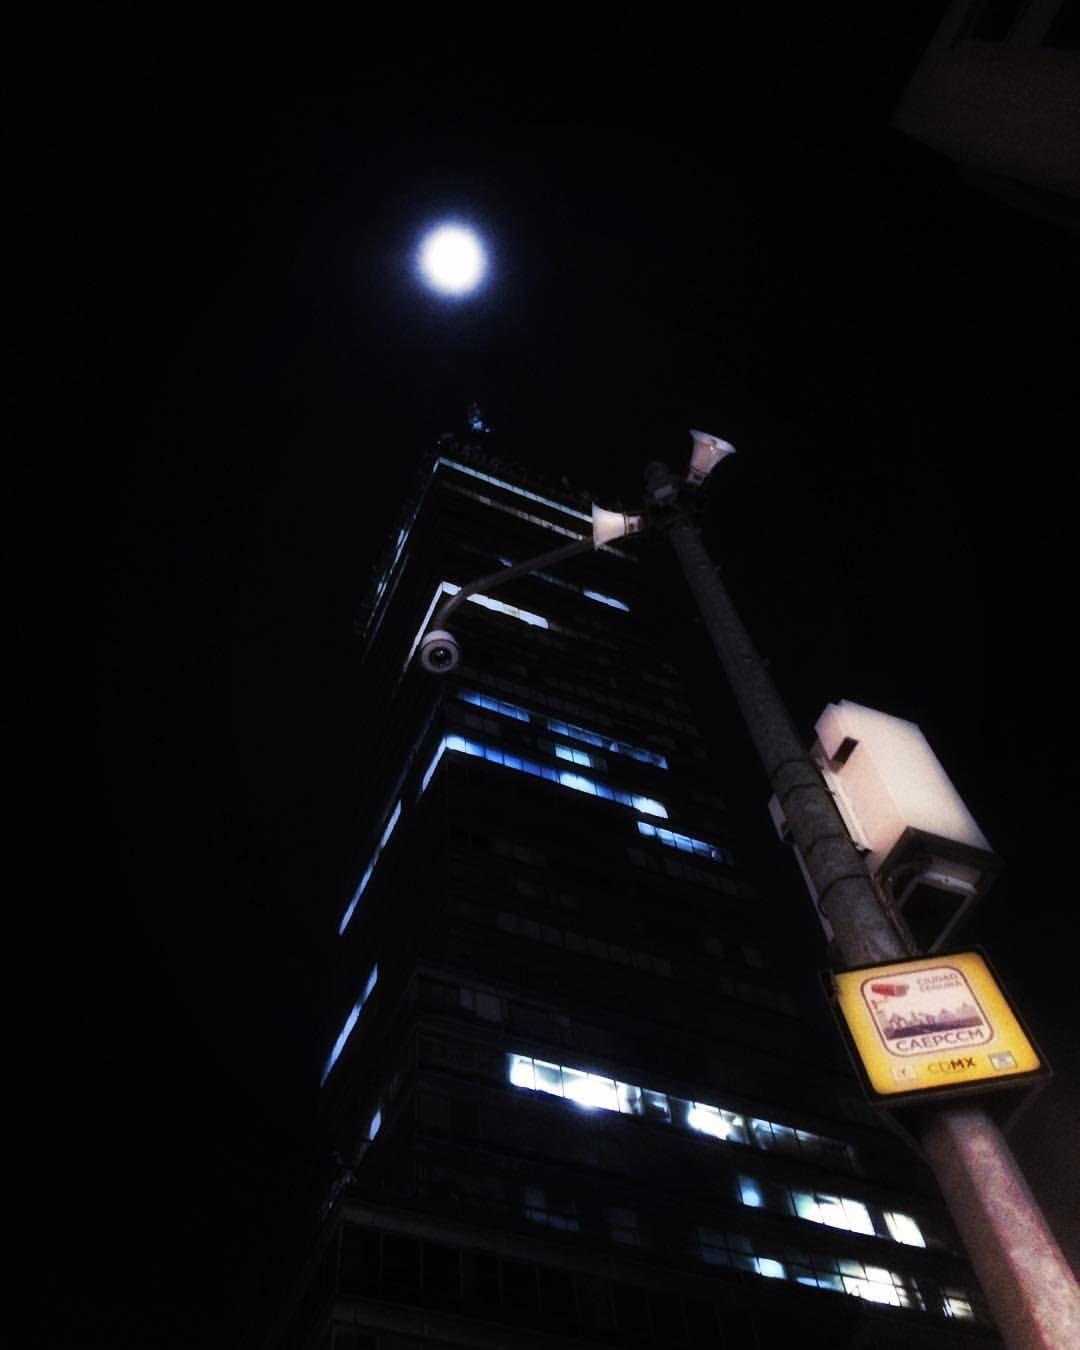 Torre (en Torre Latinoamericana)